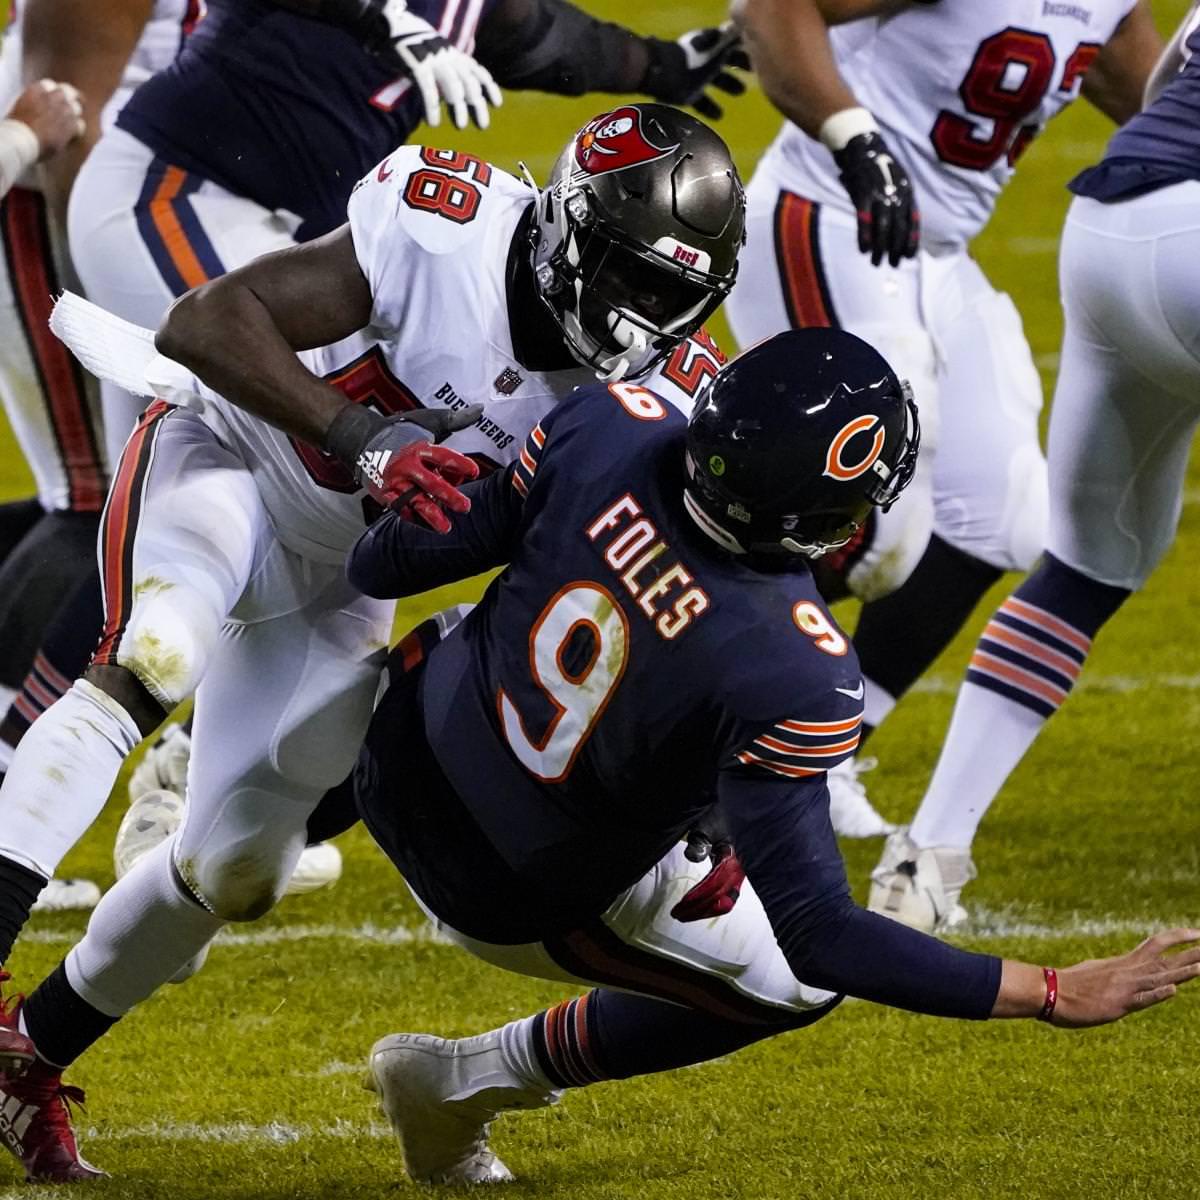 Relatório: Proprietários da NFL devem considerar a permissão de análises sobre punições agressivas ao passador